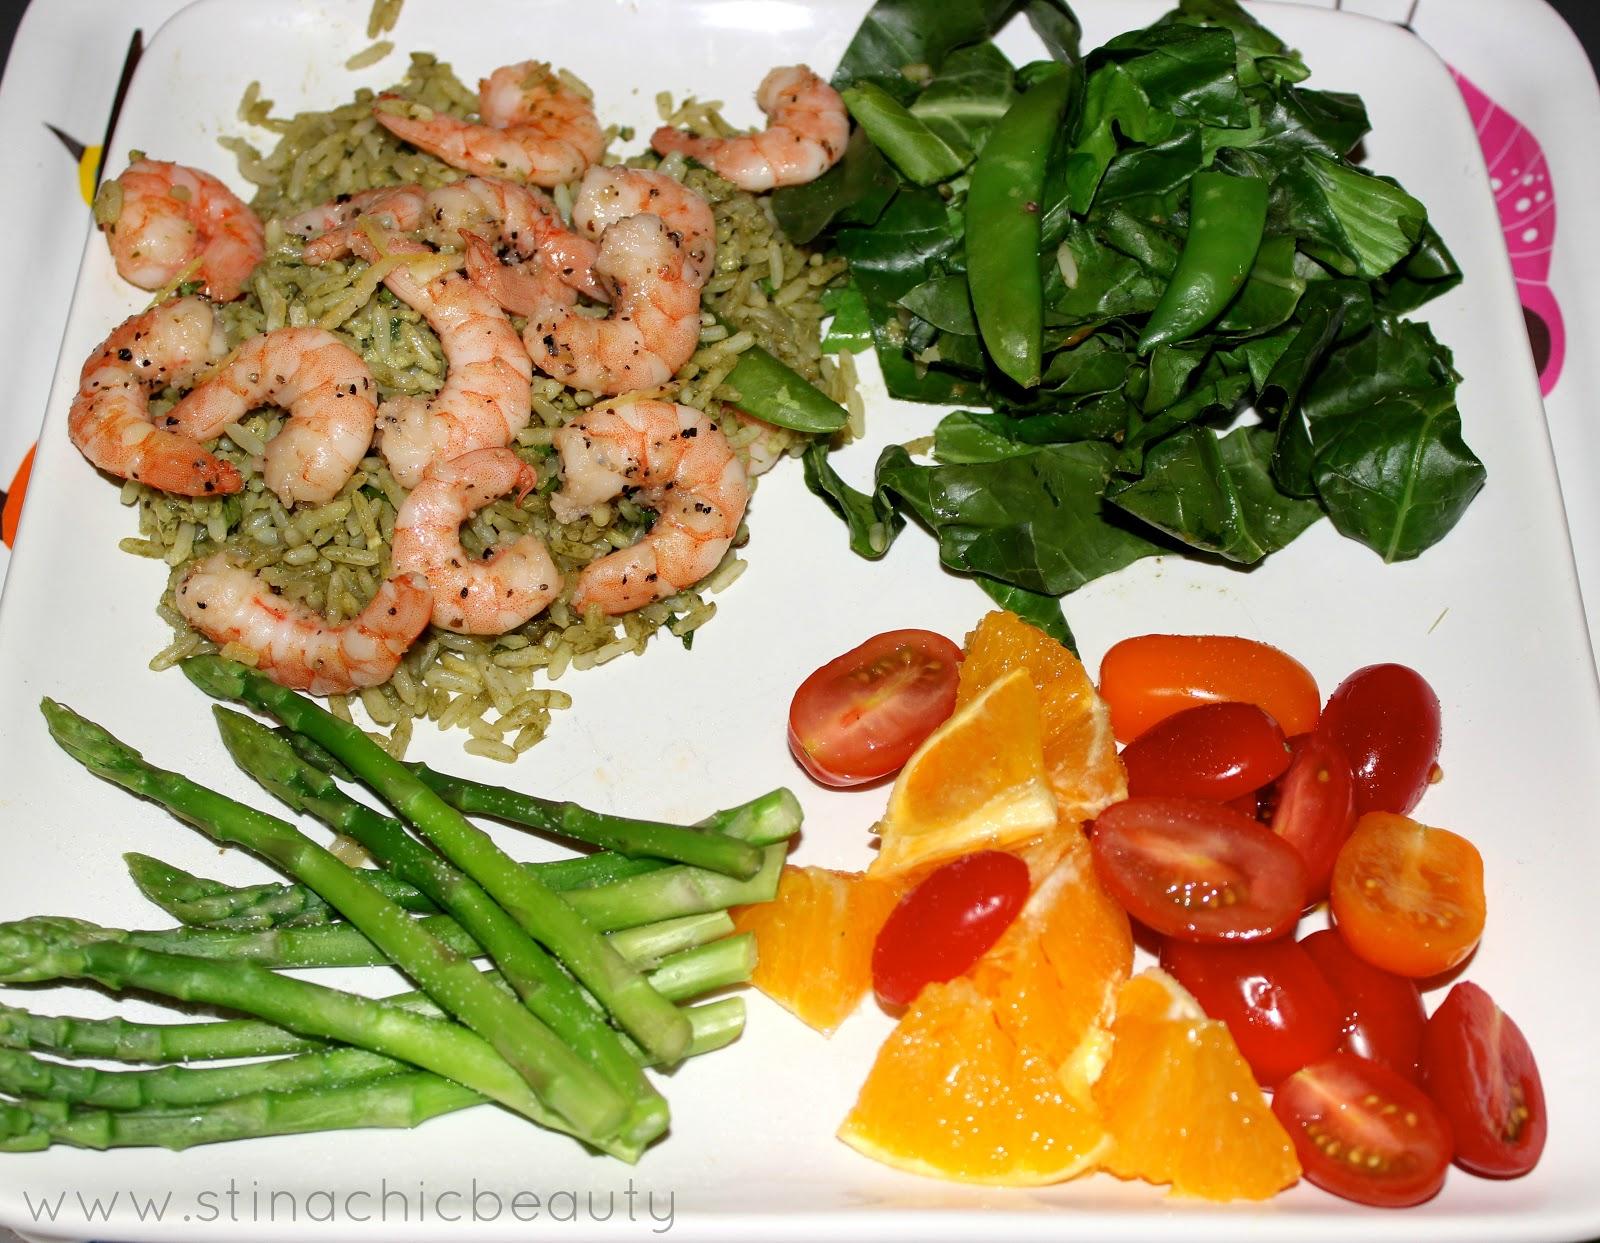 http://1.bp.blogspot.com/-fsWVeOXbwV8/UIBjQw5eCbI/AAAAAAAAAFI/4LqD3HDMJII/s1600/EatClean.jpg